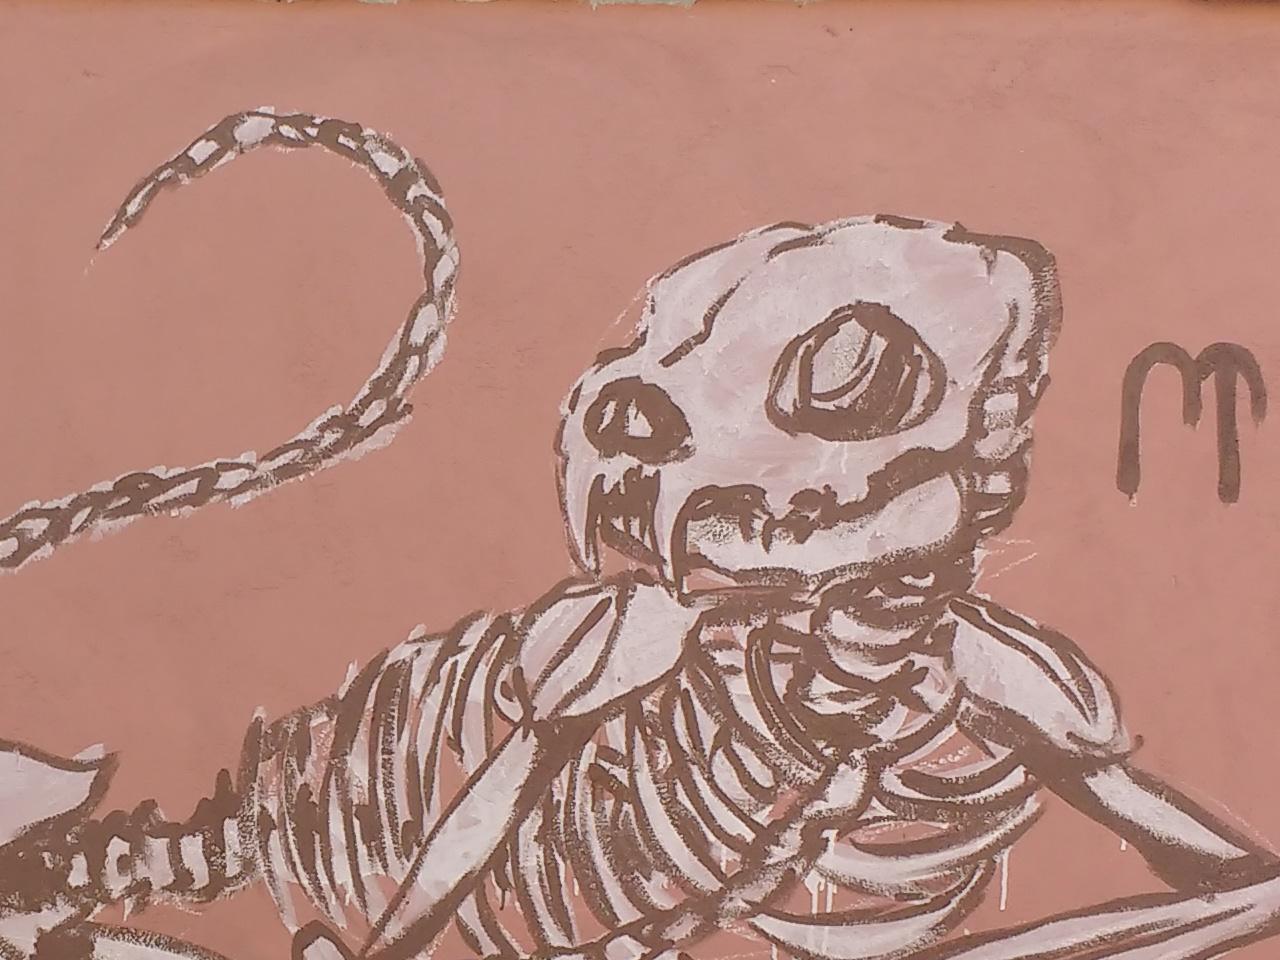 Cat Talk street art graffiti skull design art illustration drawing